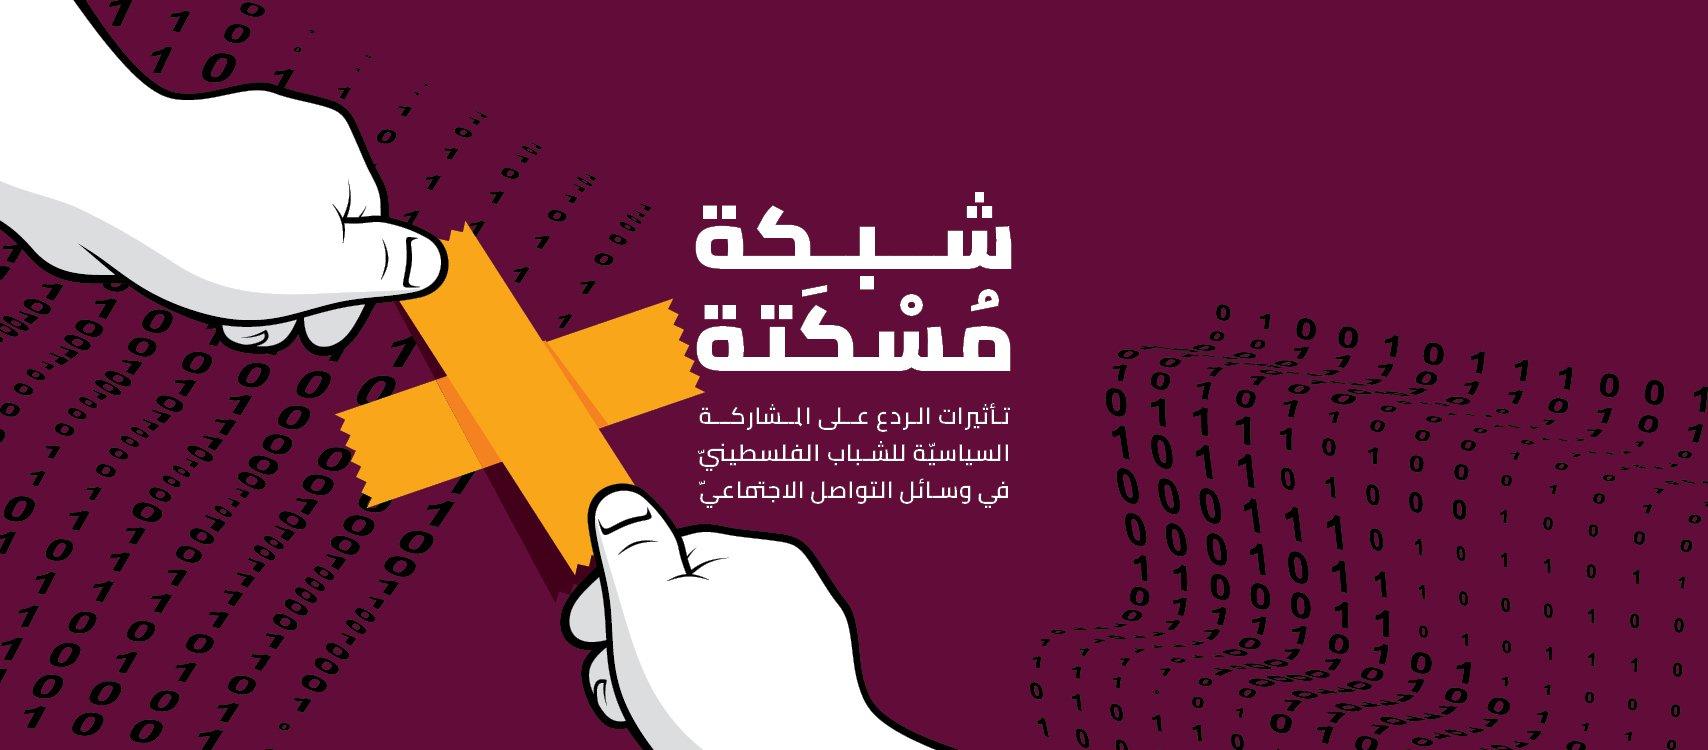 بحث جديد لمركز حملة: ثلثا الشباب الفلسطينيّ لا يشعرون بالأمان للمشاركة السياسيّة عبر الإنترنت